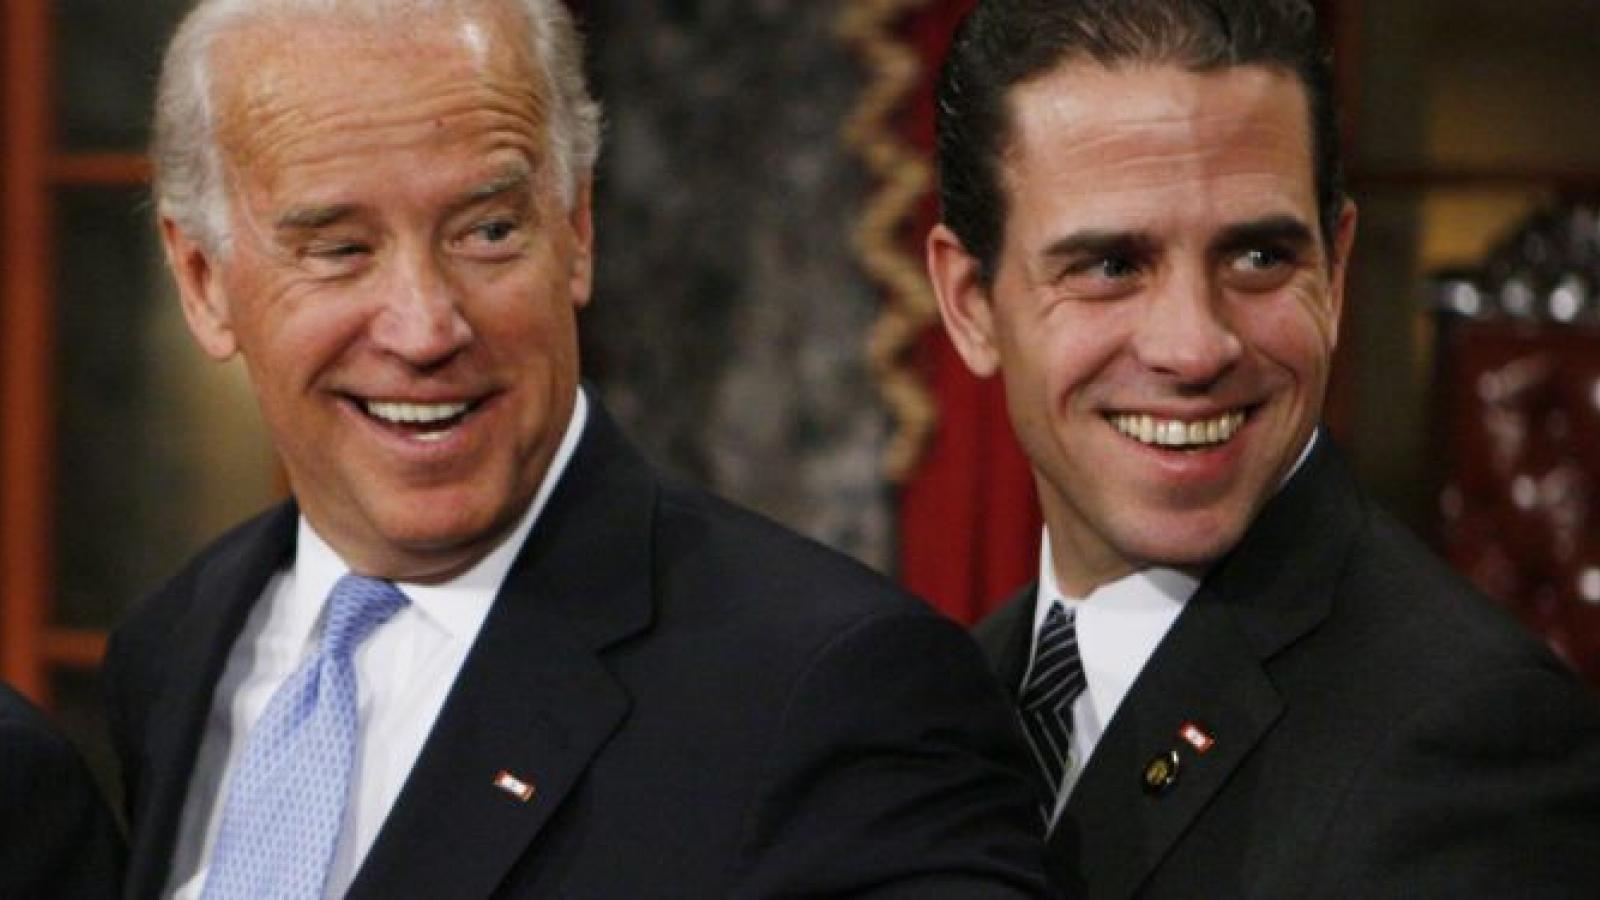 Joe Biden tin tưởng con trai Hunter Biden không làm gì sai